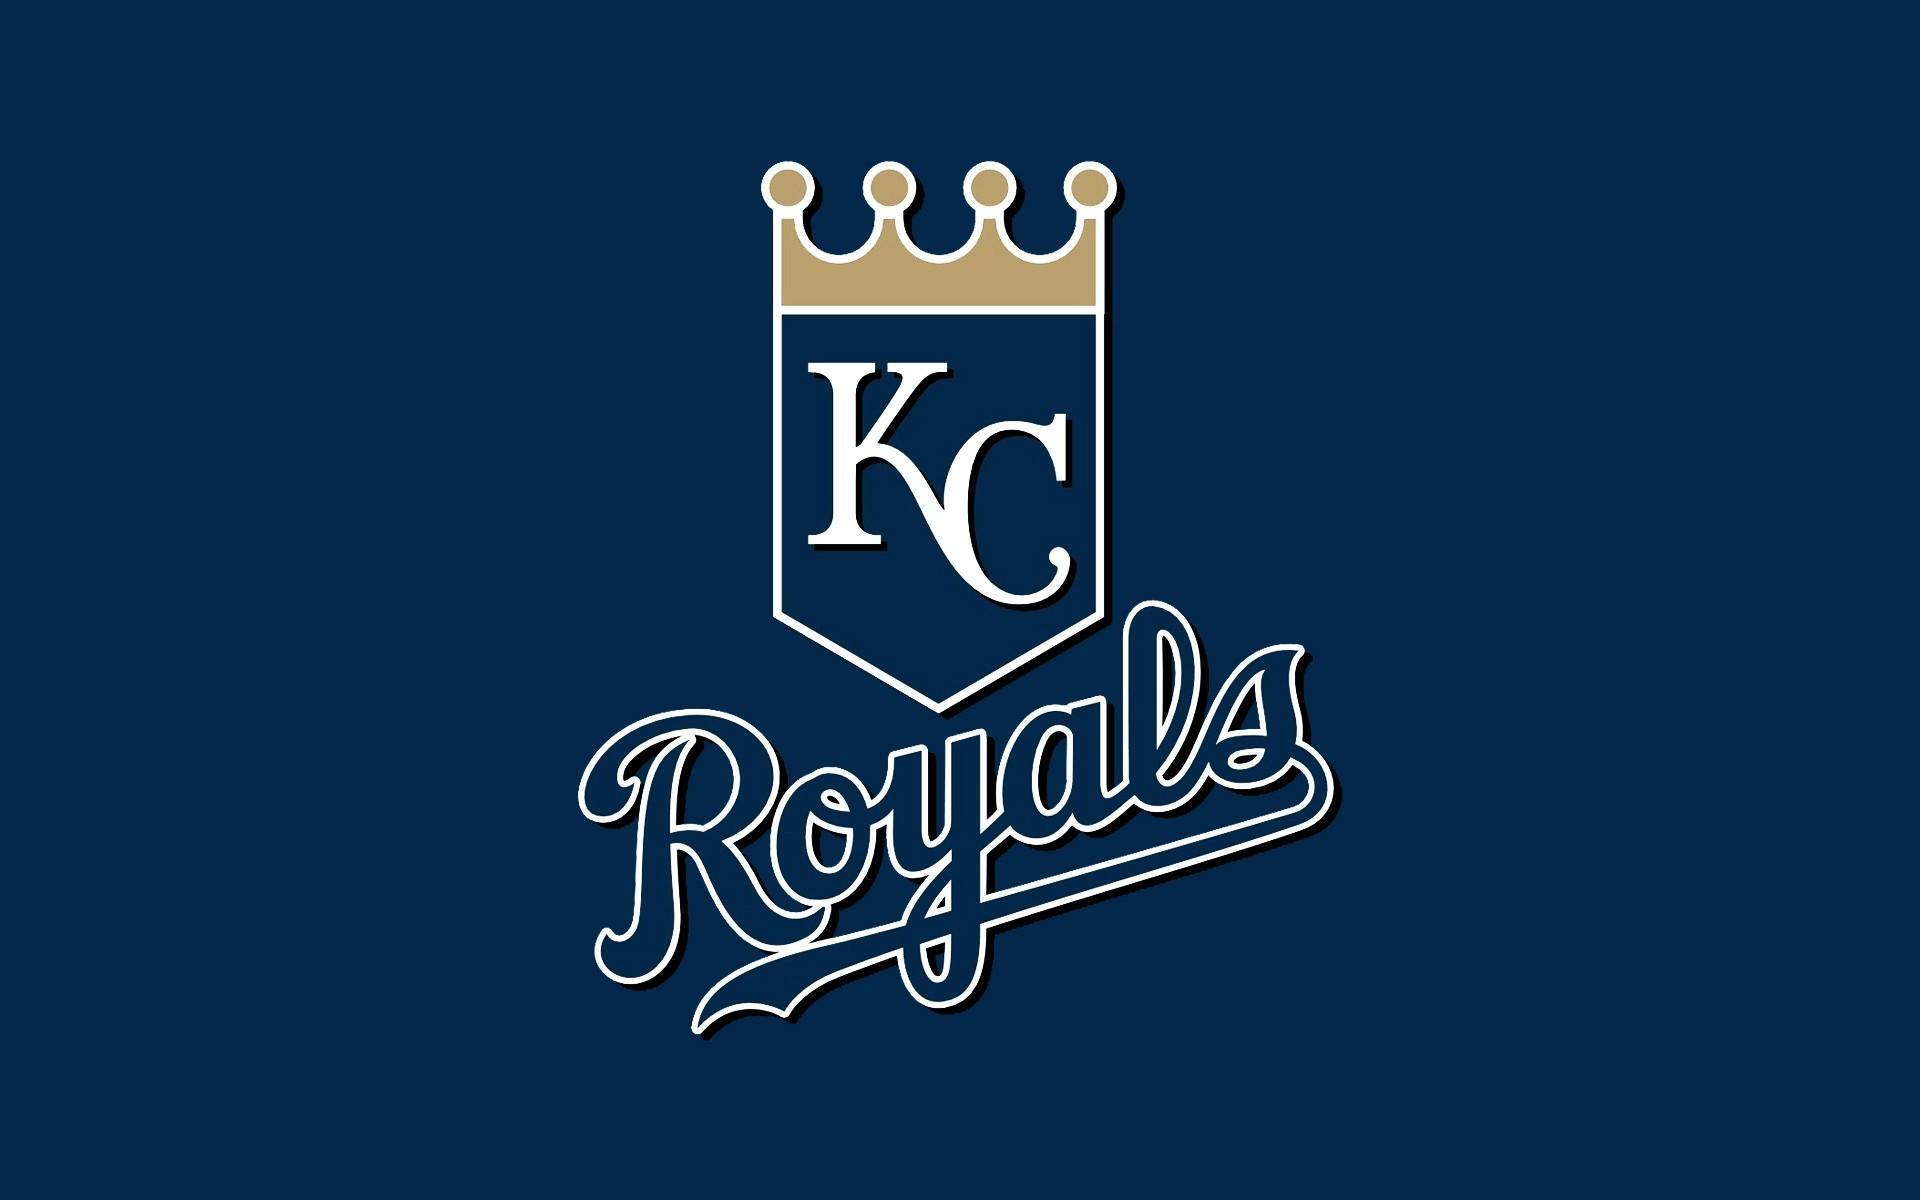 kc royals wallpaper